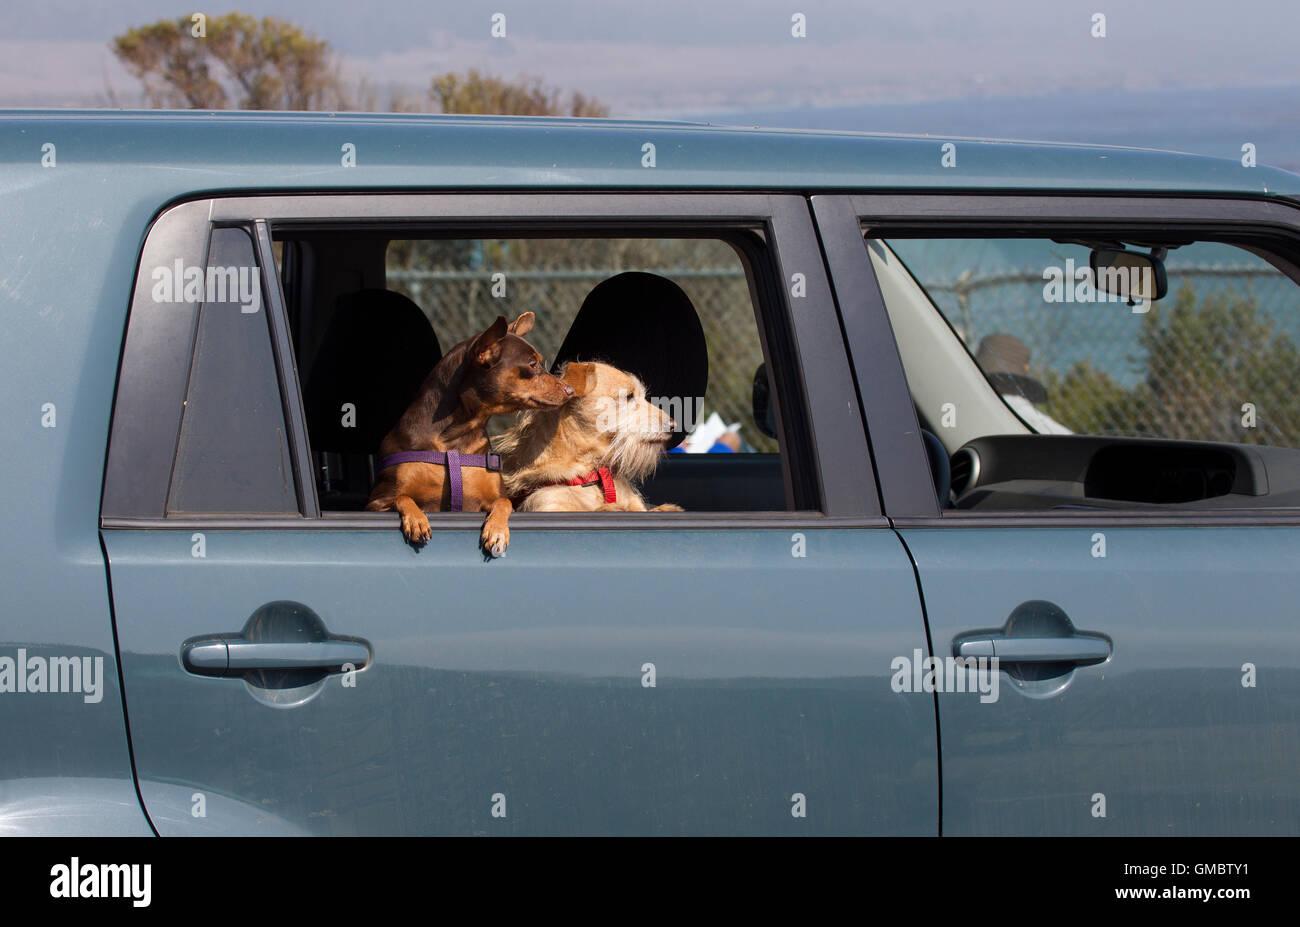 Dos perros mirando afuera de la ventana de coche Imagen De Stock